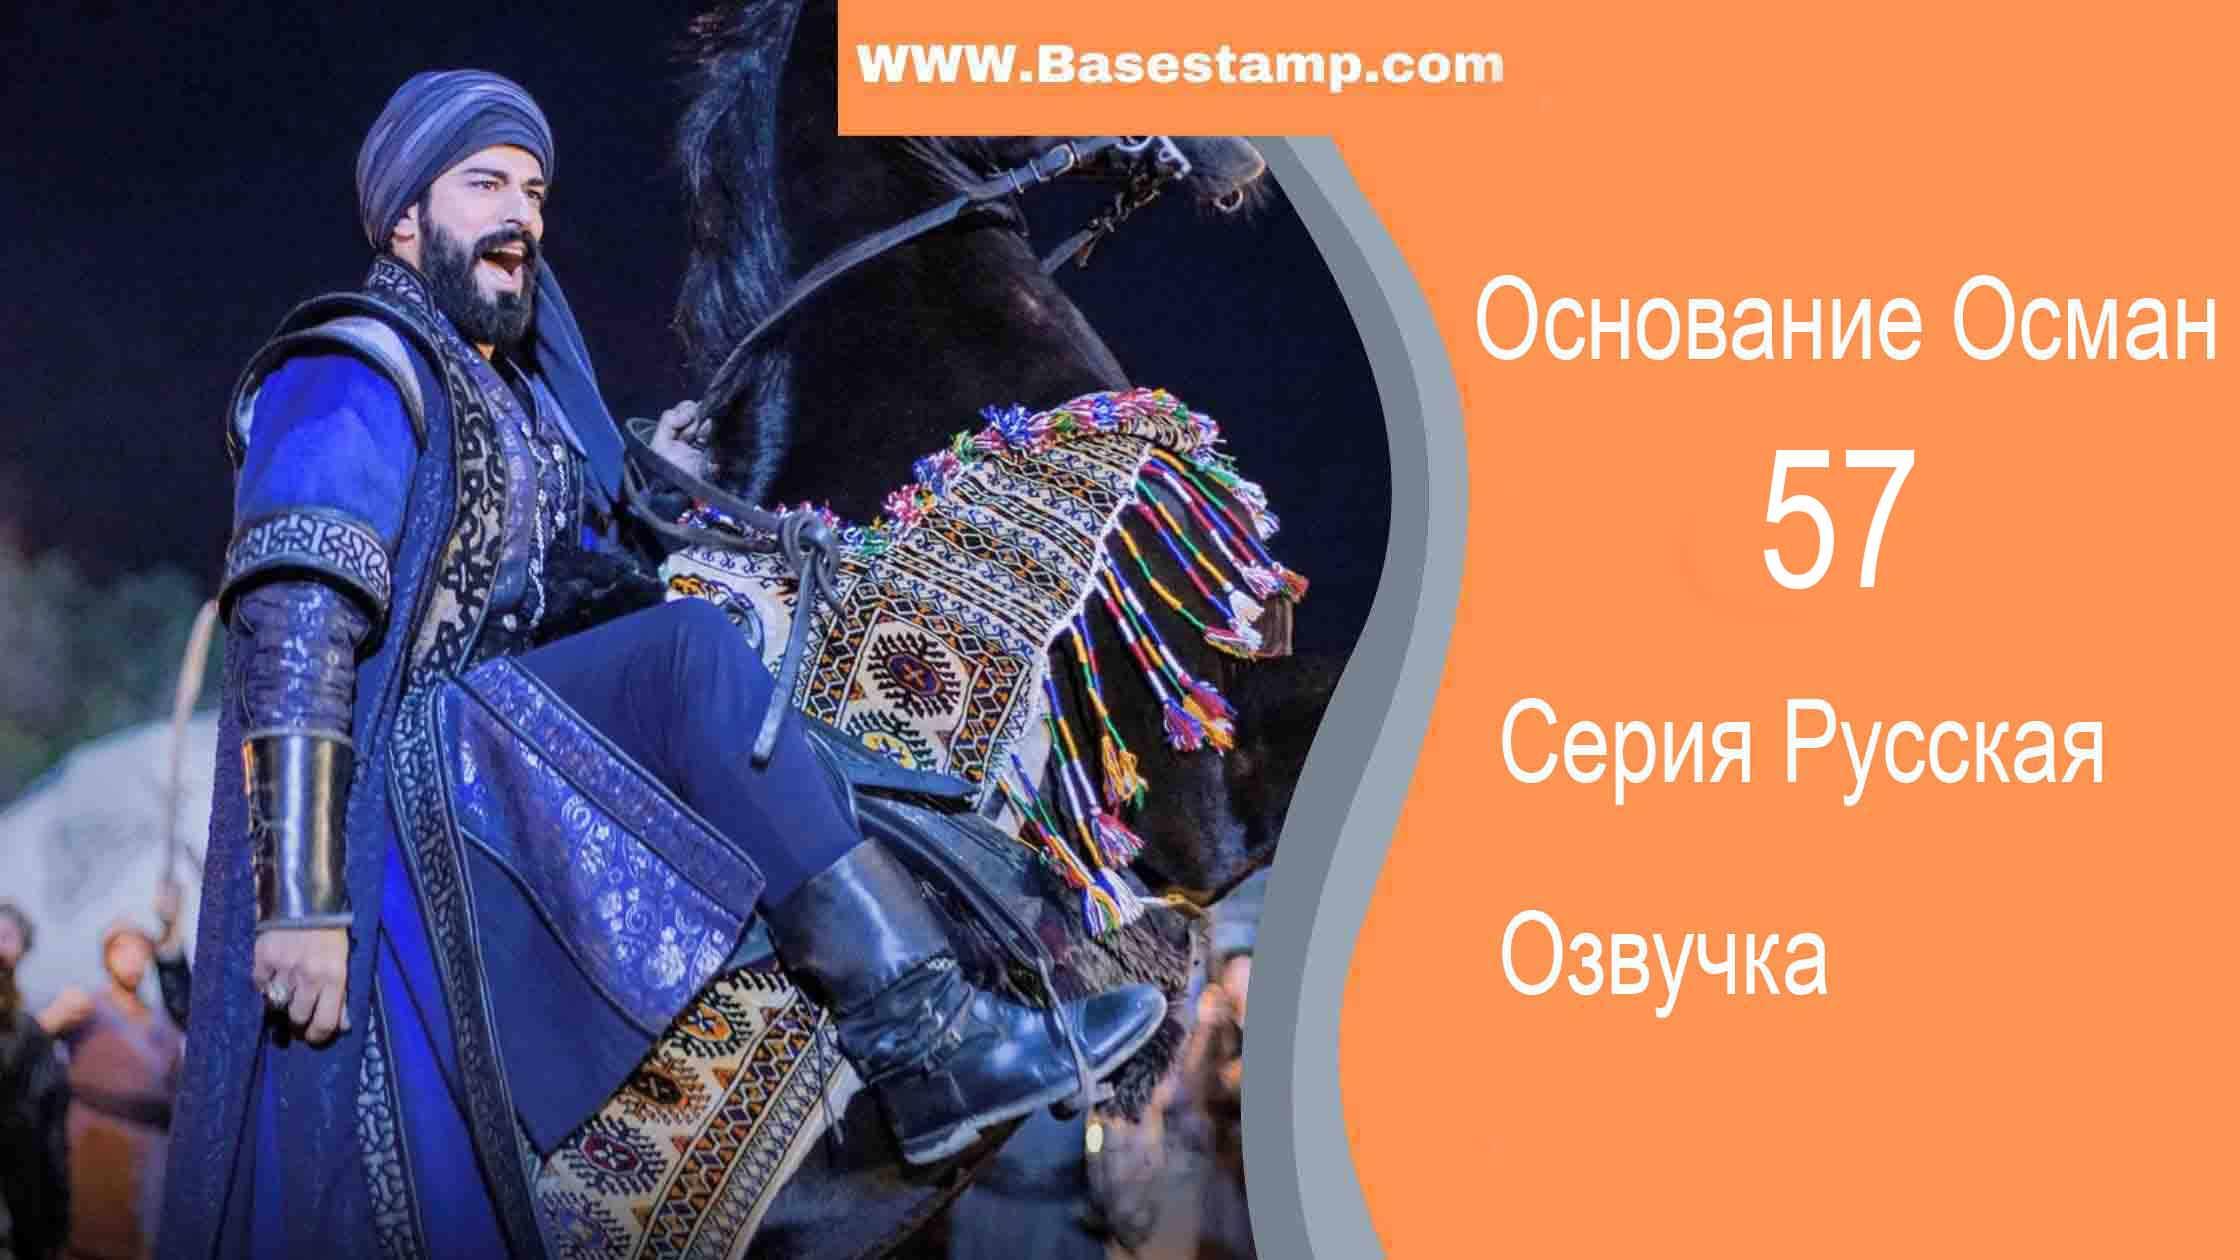 ▷❤️Основание Осман 57 Серия Русская Озвучка ок